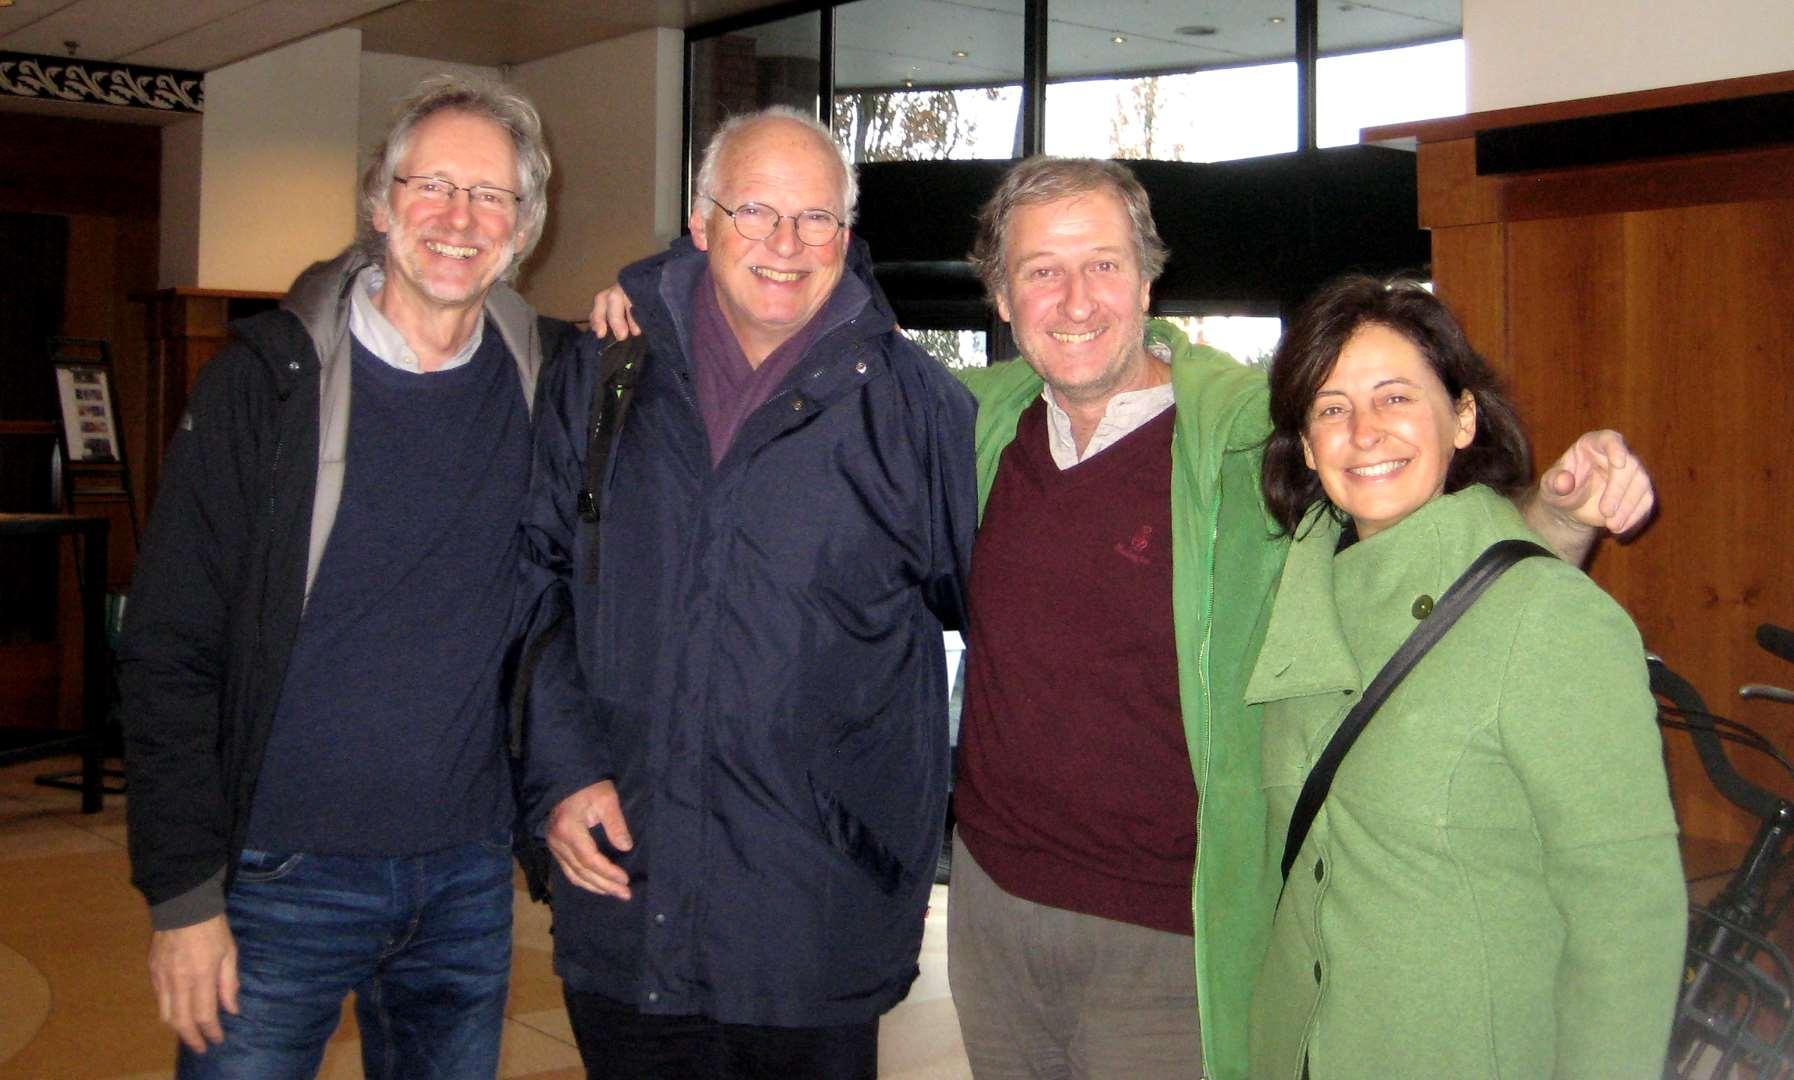 von li.: Achim Scholz, Kees Hammink (Holland), Urs Chiara (Graubünden), Christiana Cavalieri (Romandie)